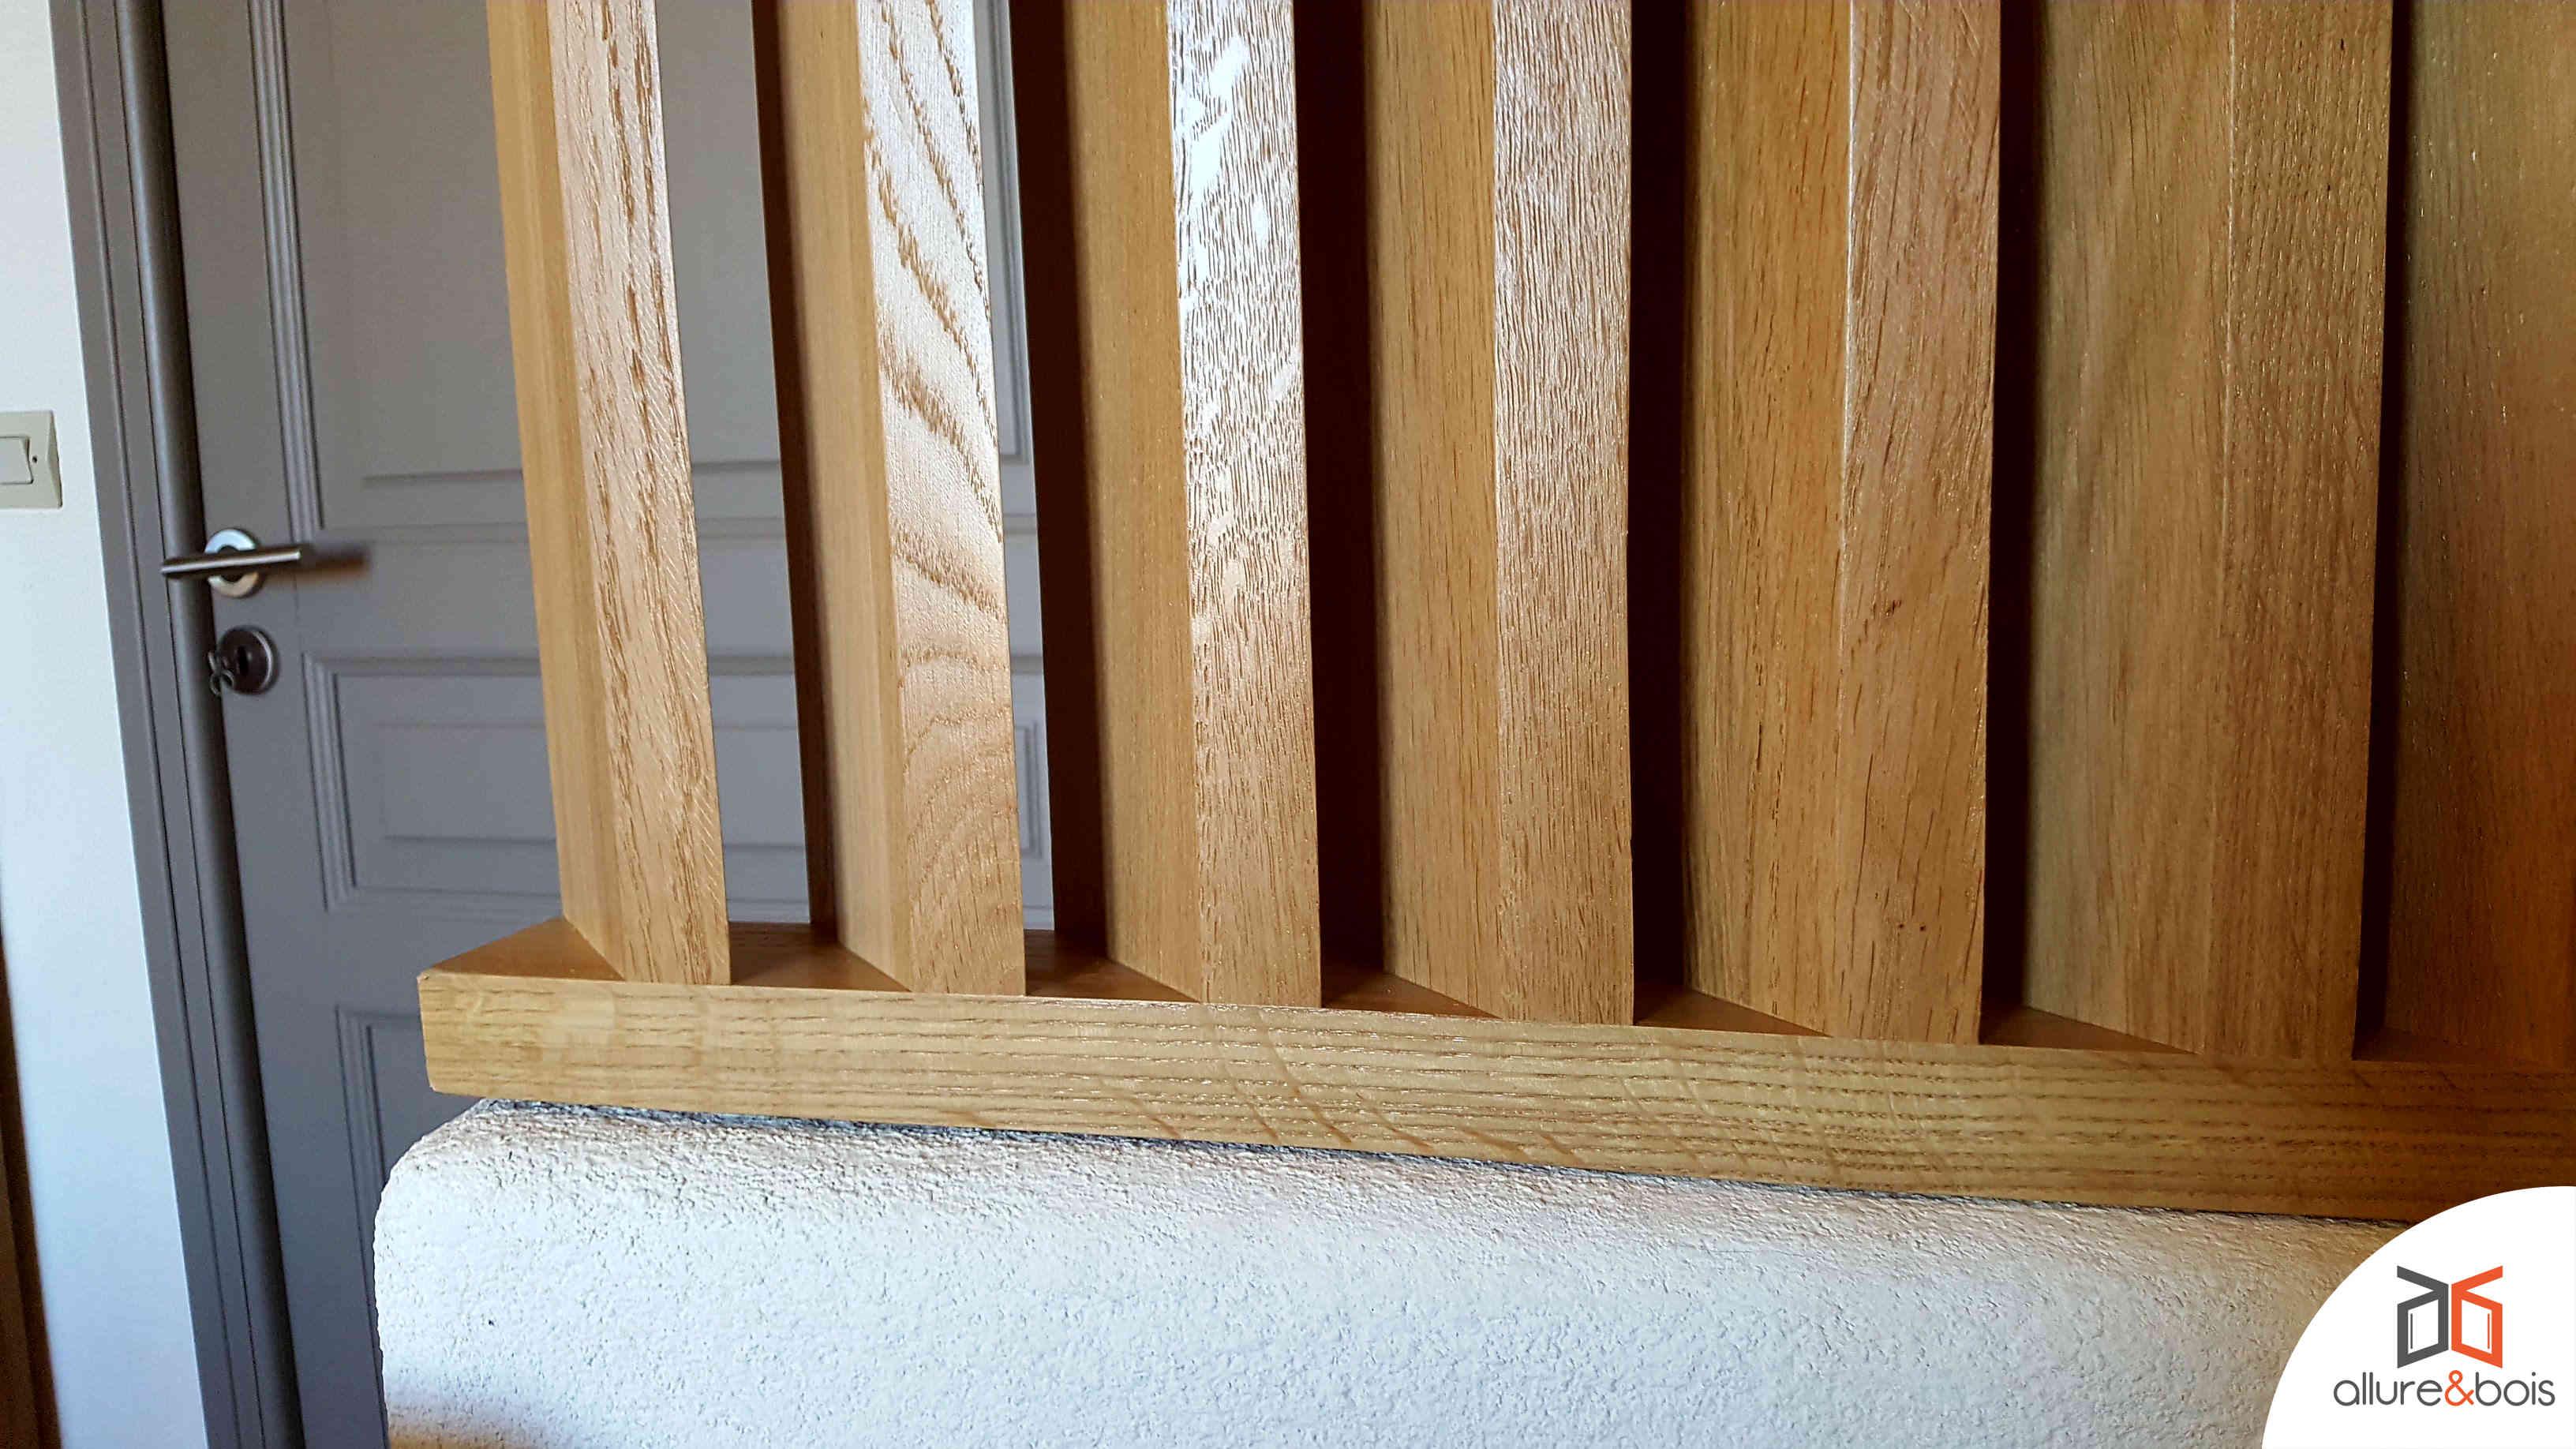 Détail du claustra à lames bois inclinées